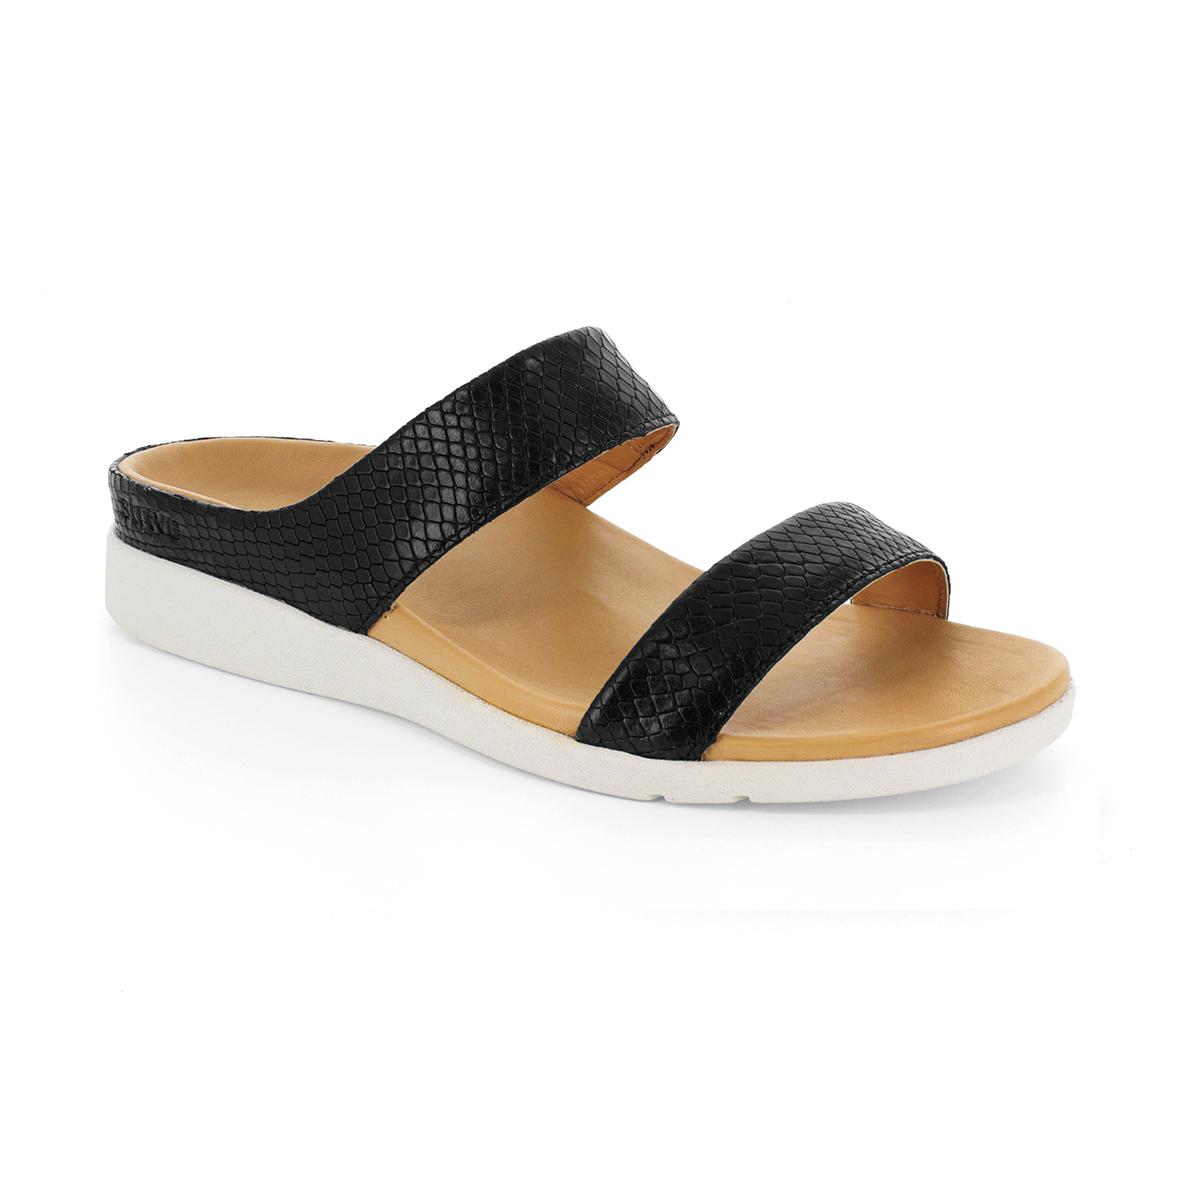 スニーカー感覚で歩き回れる「サンダル」|FARO (24-24.5cm) 独自開発の立体インソールで、スニーカーみたいに歩き回れる「サンダル」|strive